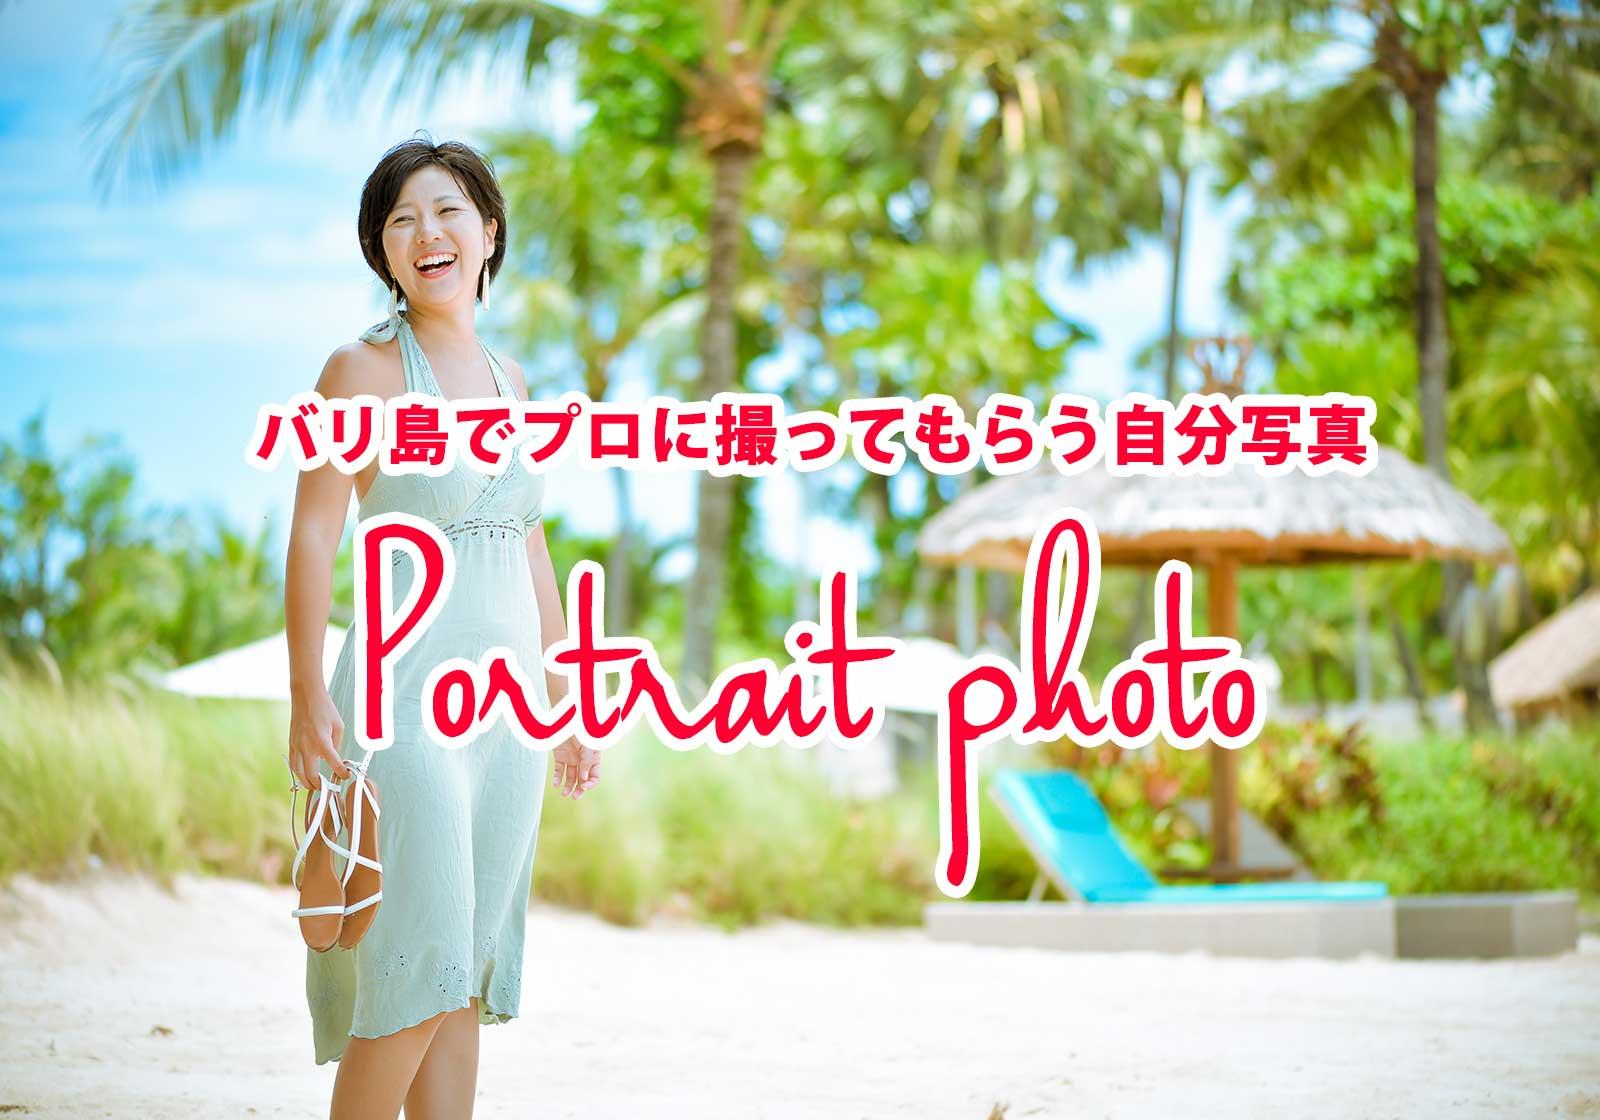 プロに撮ってもらうのは気持ちいい!バリ島で友達とポートレート撮影